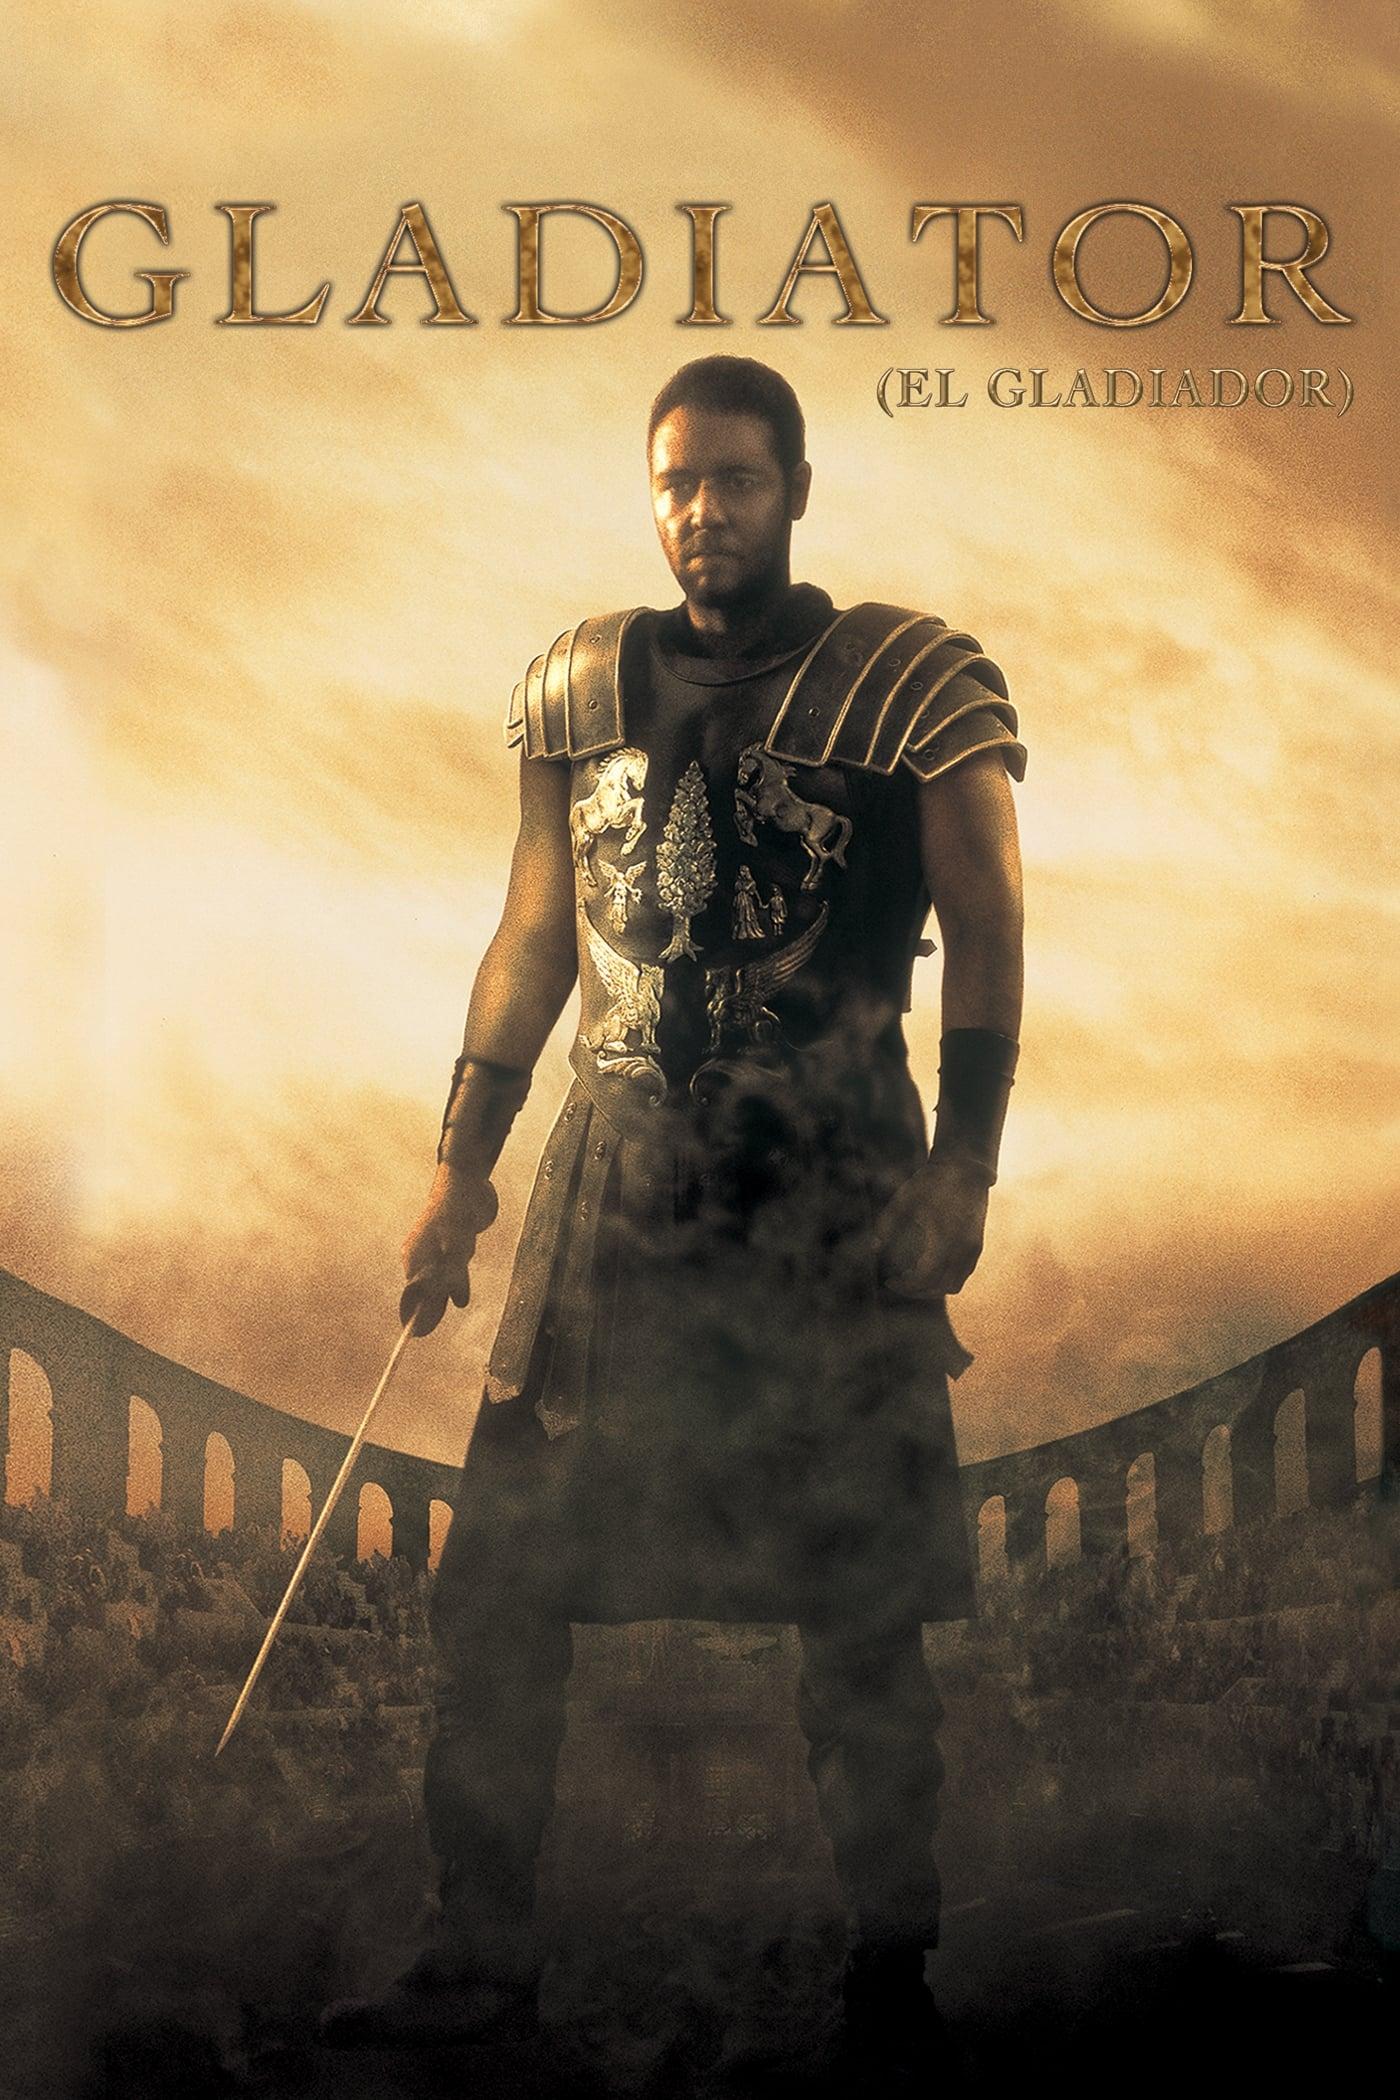 Il gladiatore premi